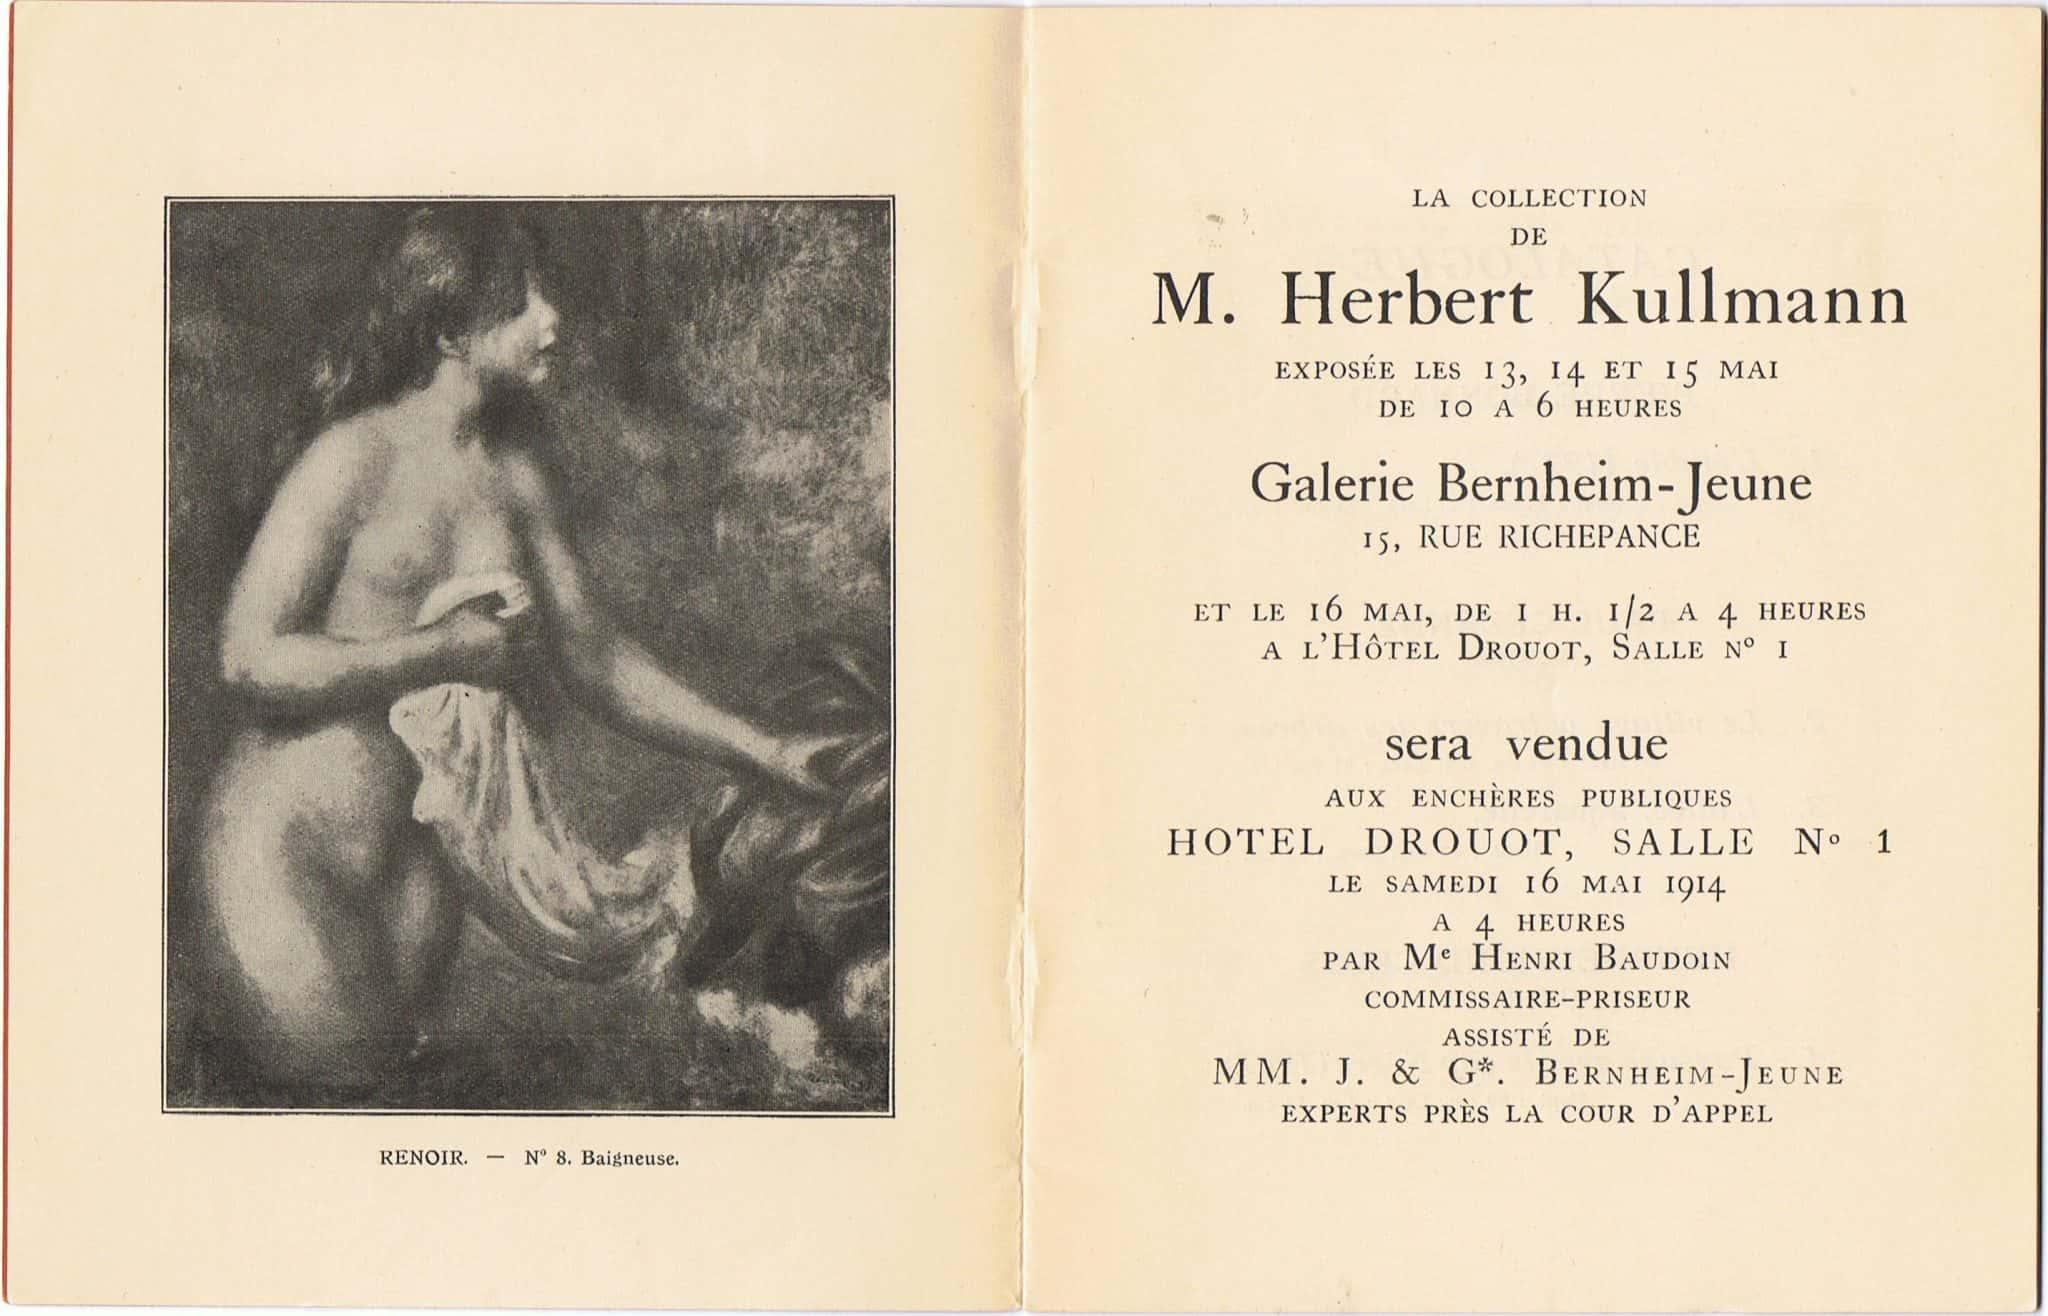 קטלוג המכירה הפומבית בהוטל-דרואו שבה הועמד למכירה הציור של רנואר, 1914.